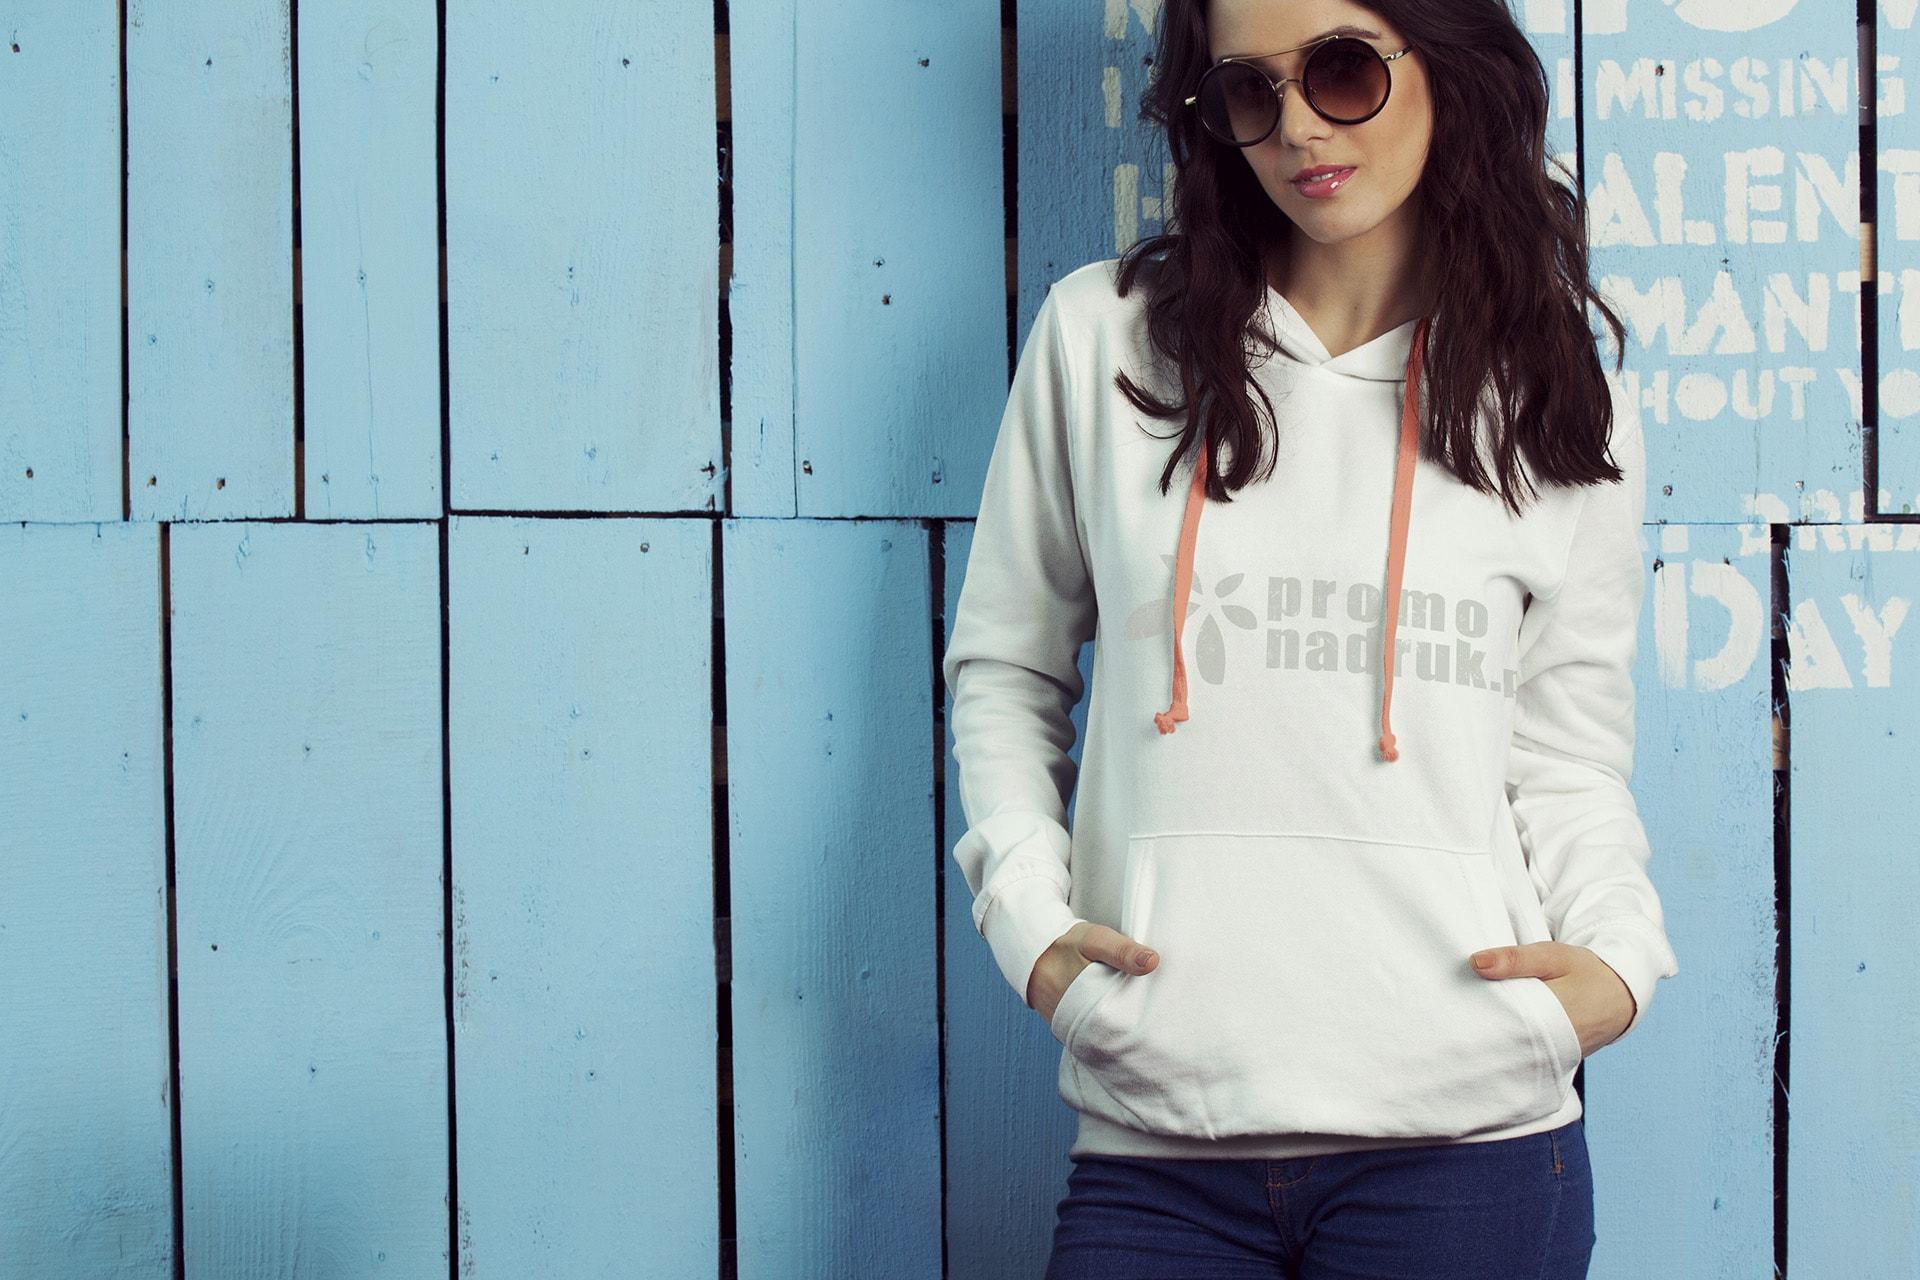 Modna młoda kobieta w białej bluzie z logo promonadruk.pl